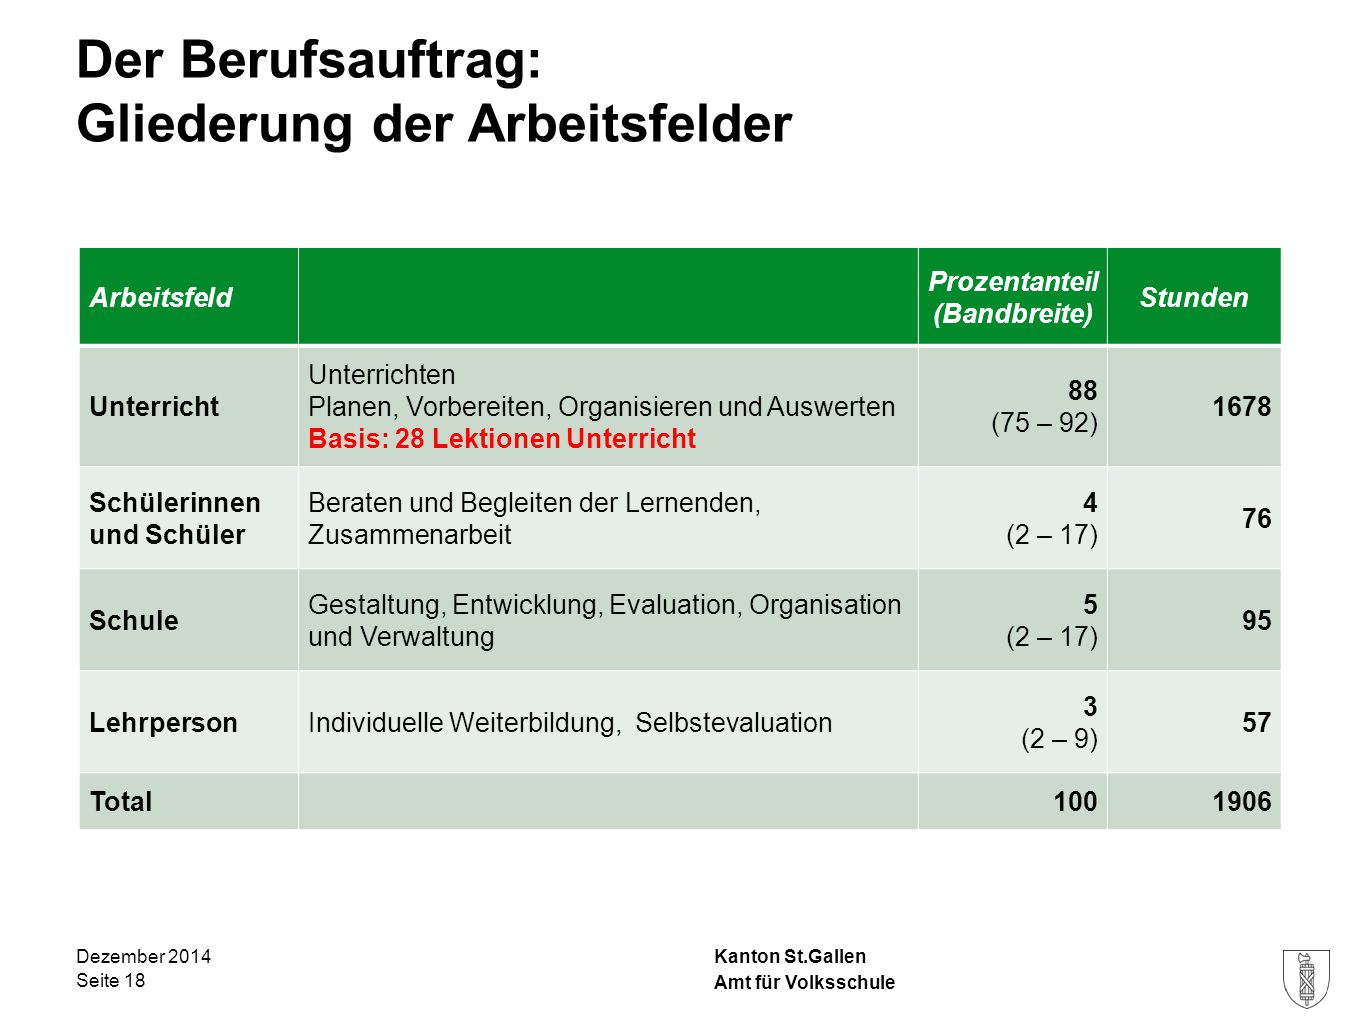 Kanton St.Gallen Der Berufsauftrag: Gliederung der Arbeitsfelder Dezember 2014 Seite 18 Arbeitsfeld Prozentanteil (Bandbreite) Stunden Unterricht Unte